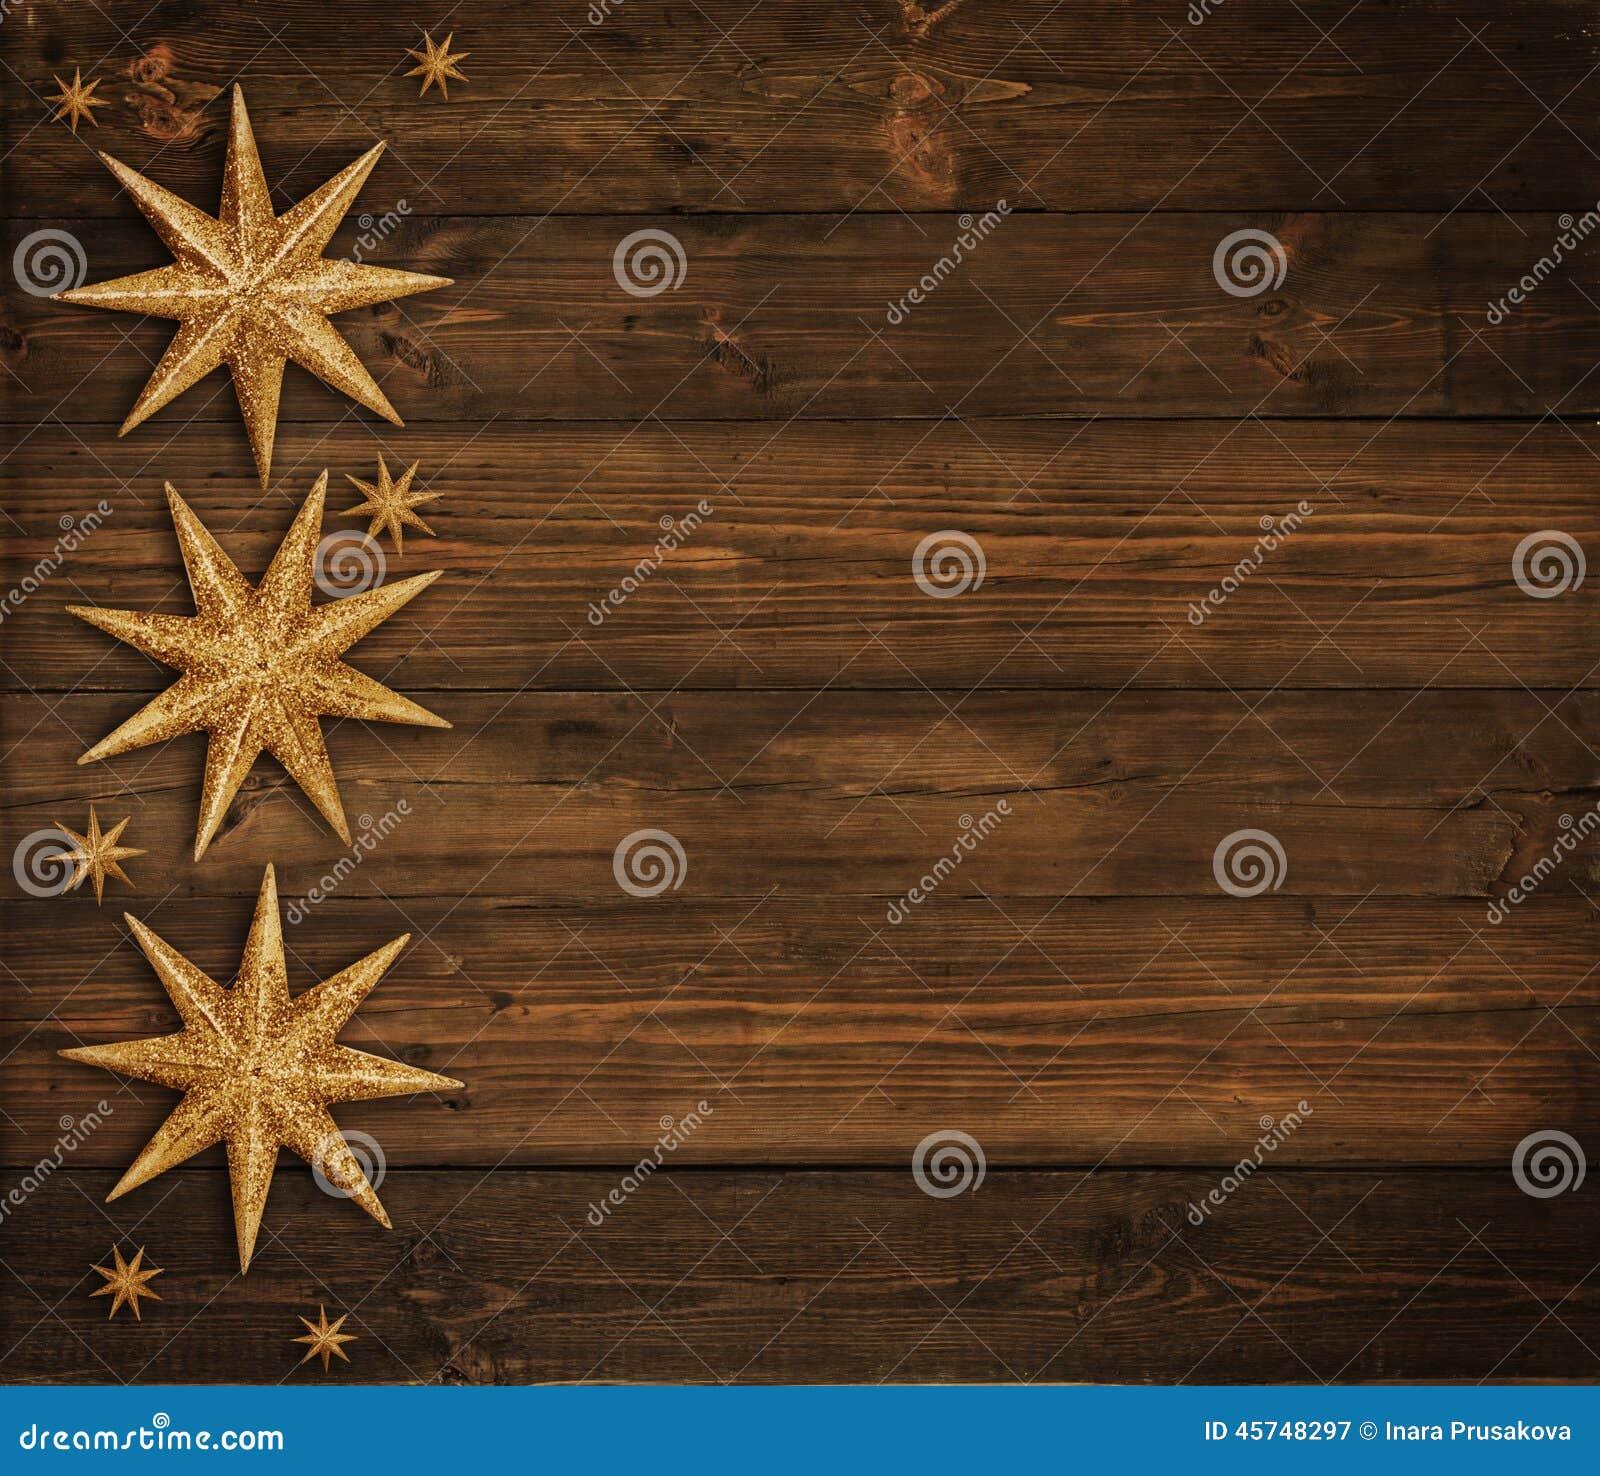 Bożenarodzeniowy Drewniany tło, Złota gwiazdy dekoracja, Brown drewno